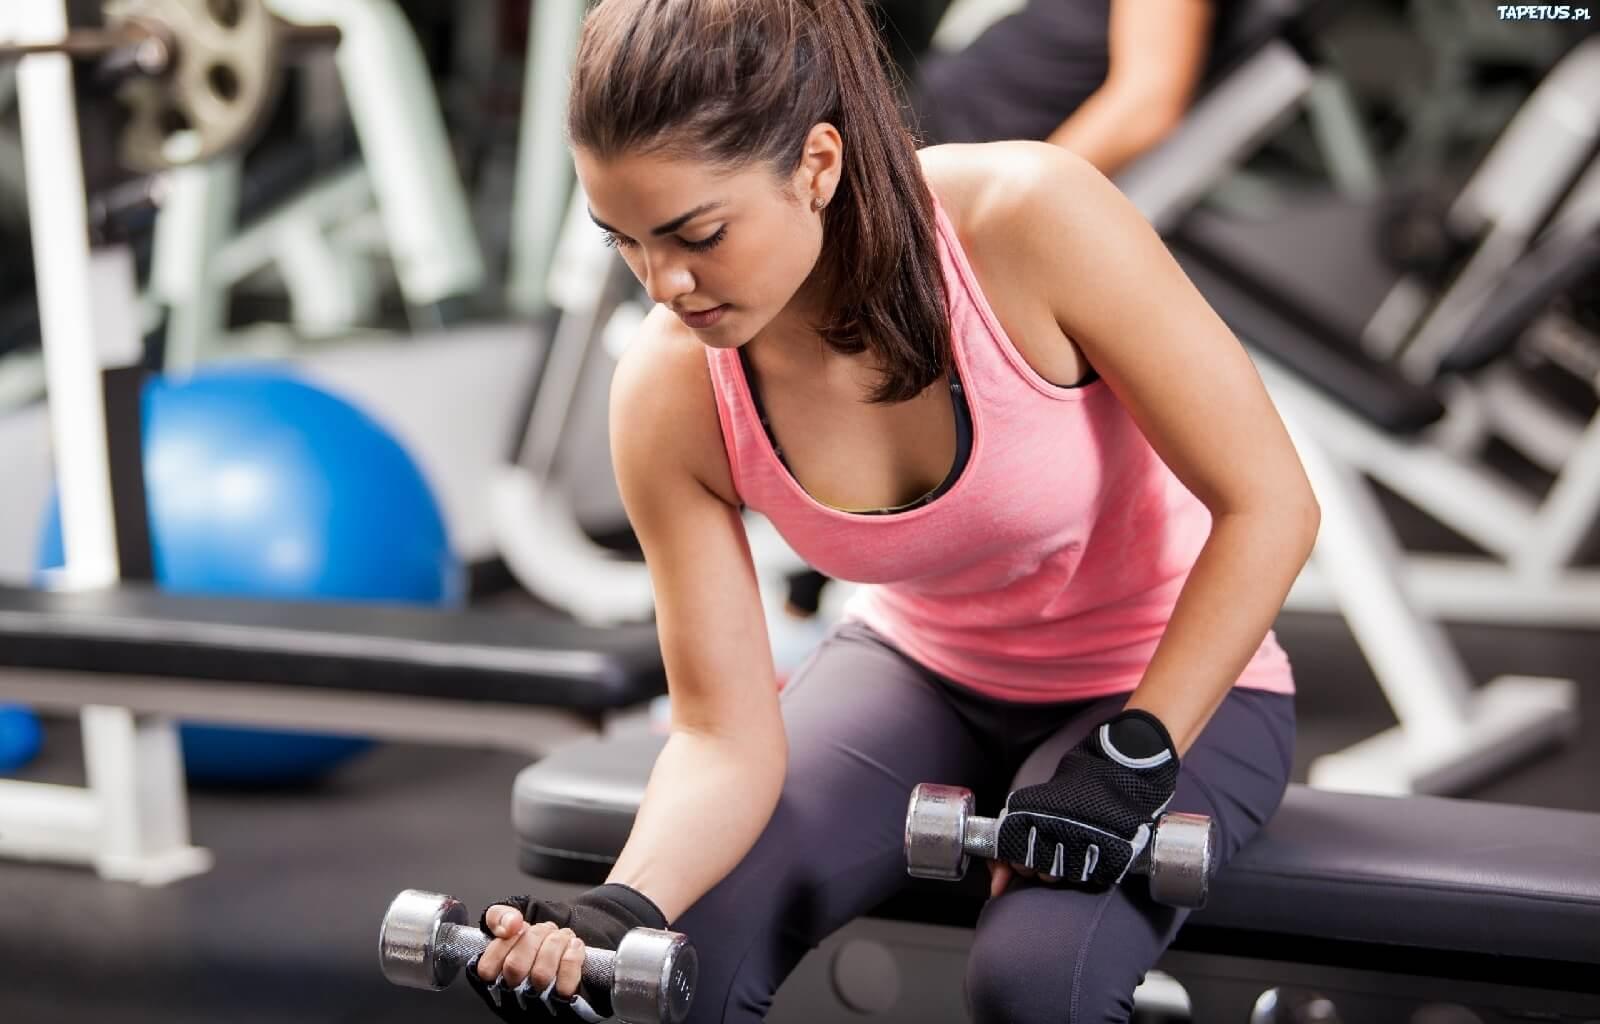 Karın Yağları Nasıl Eritilir: Karın Yağlarını Yakmak İçin Egzersizler